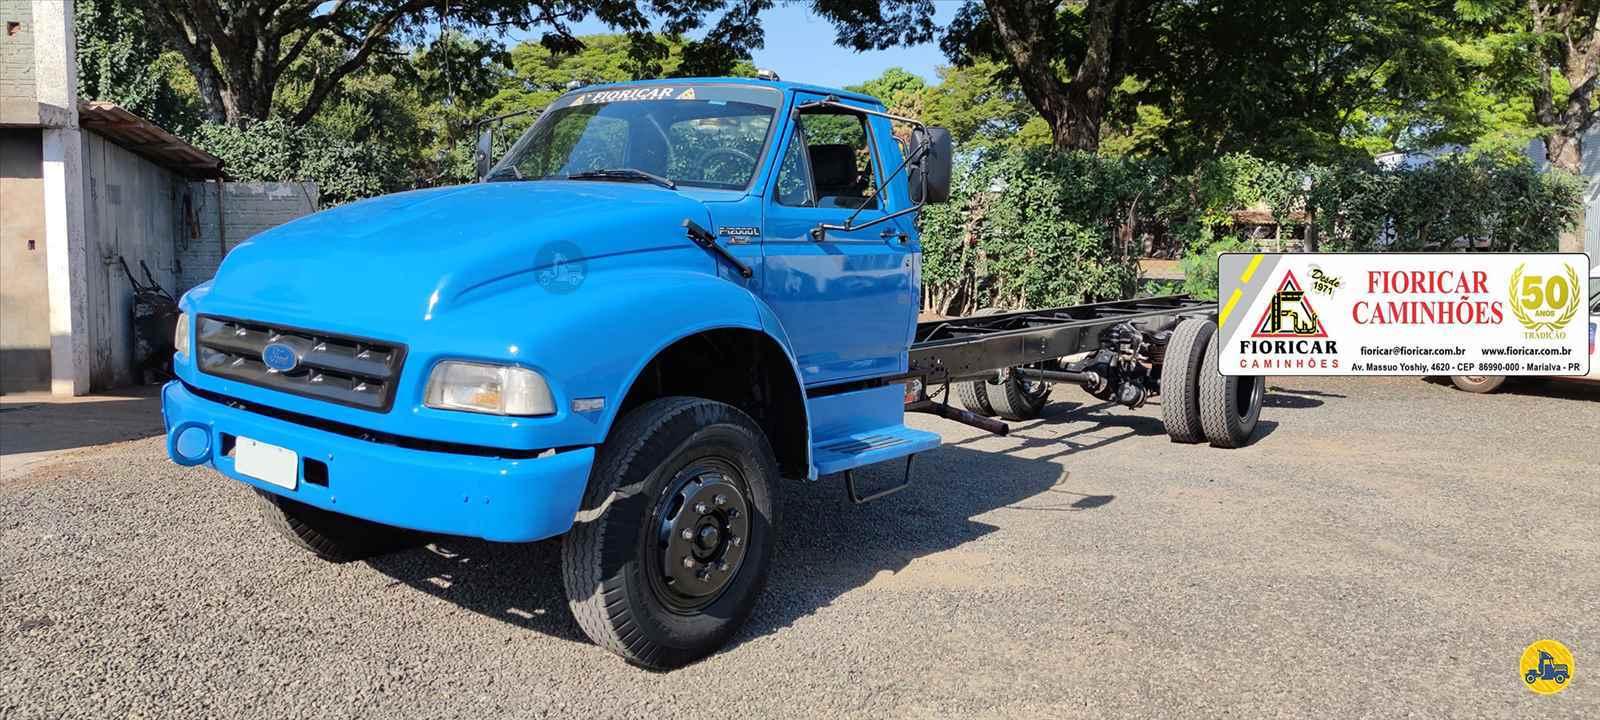 CAMINHAO FORD F12000 Chassis Toco 4x2 Fioricar Caminhões MARIALVA PARANÁ PR